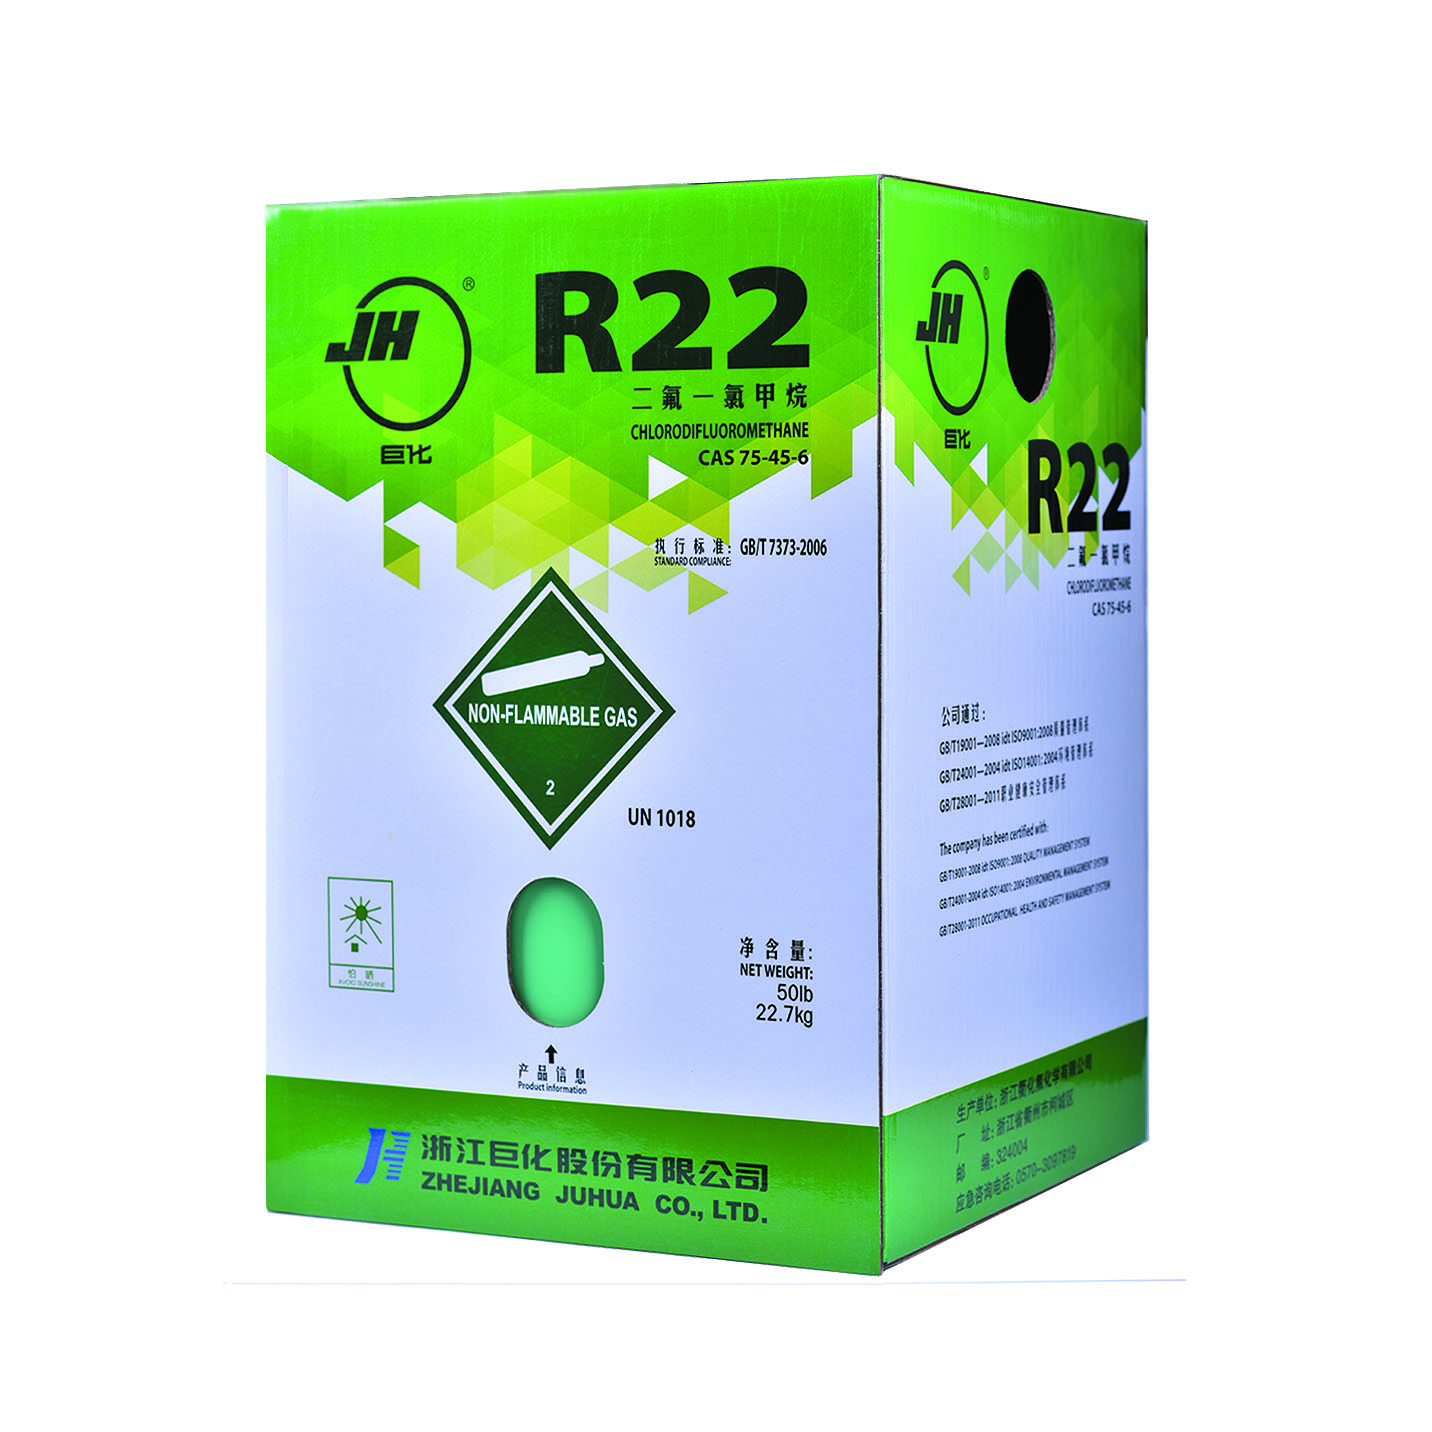 巨化 R22制冷剂